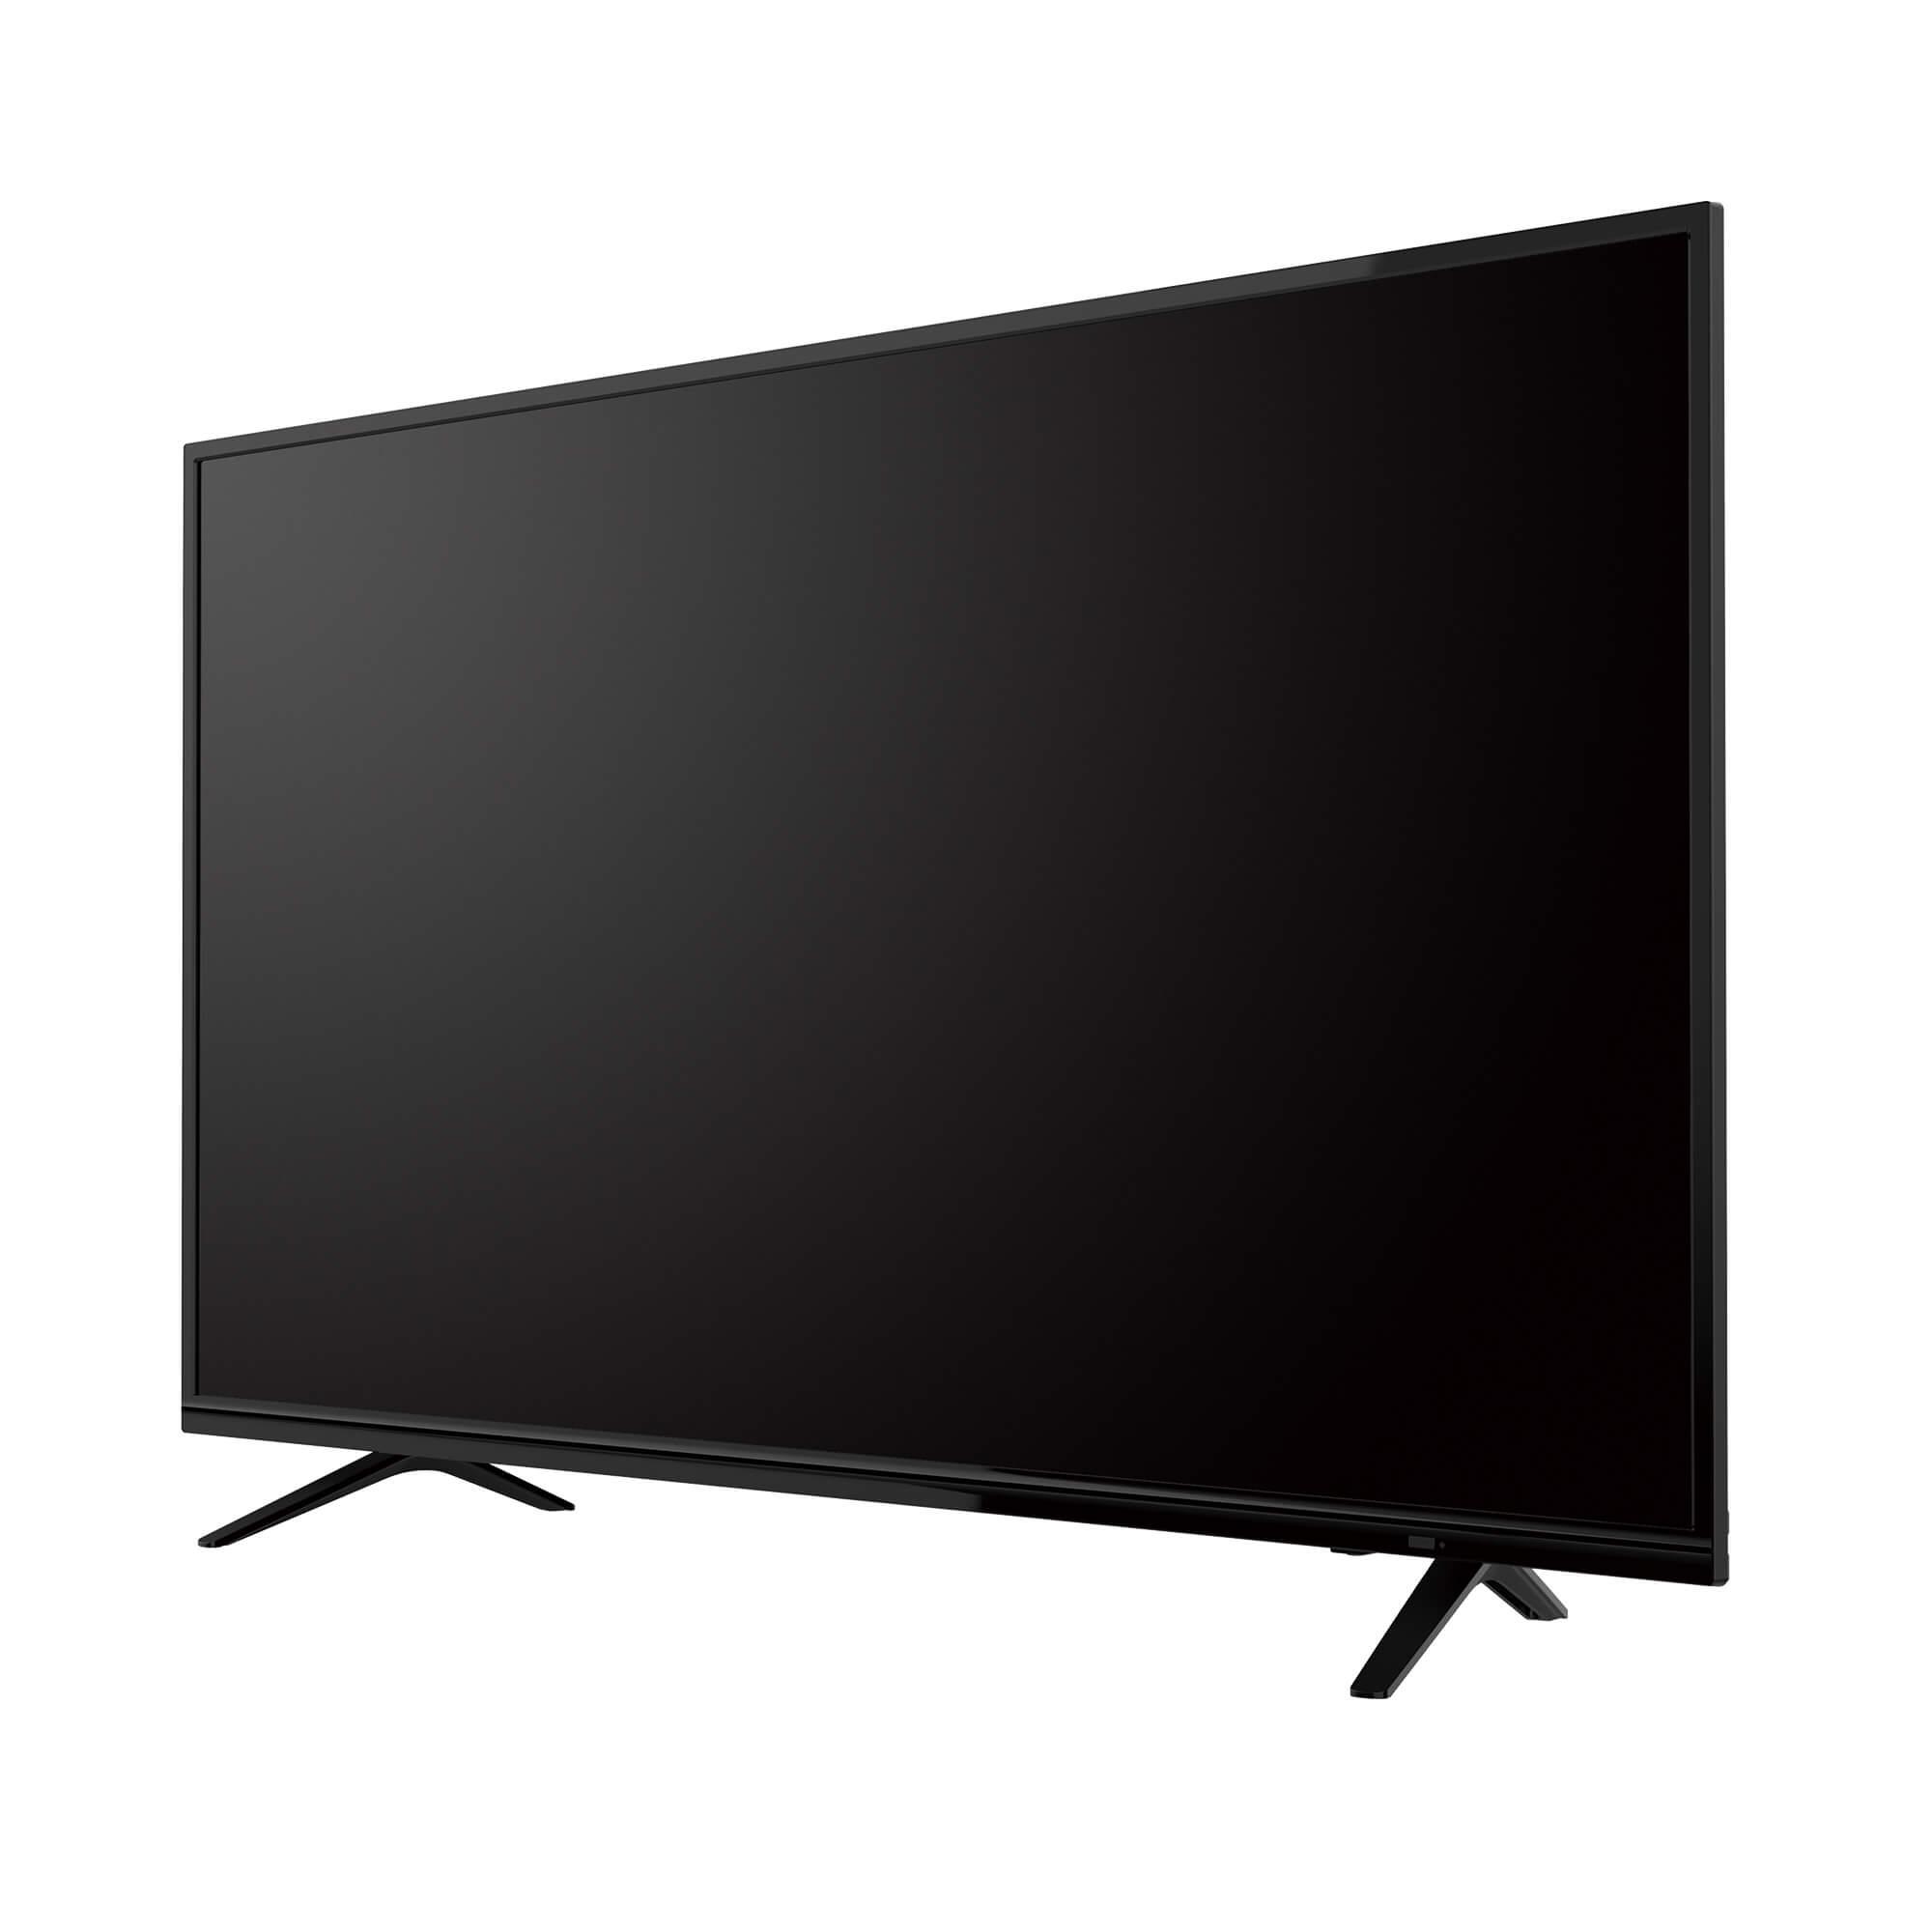 GH-TV49EM-BK